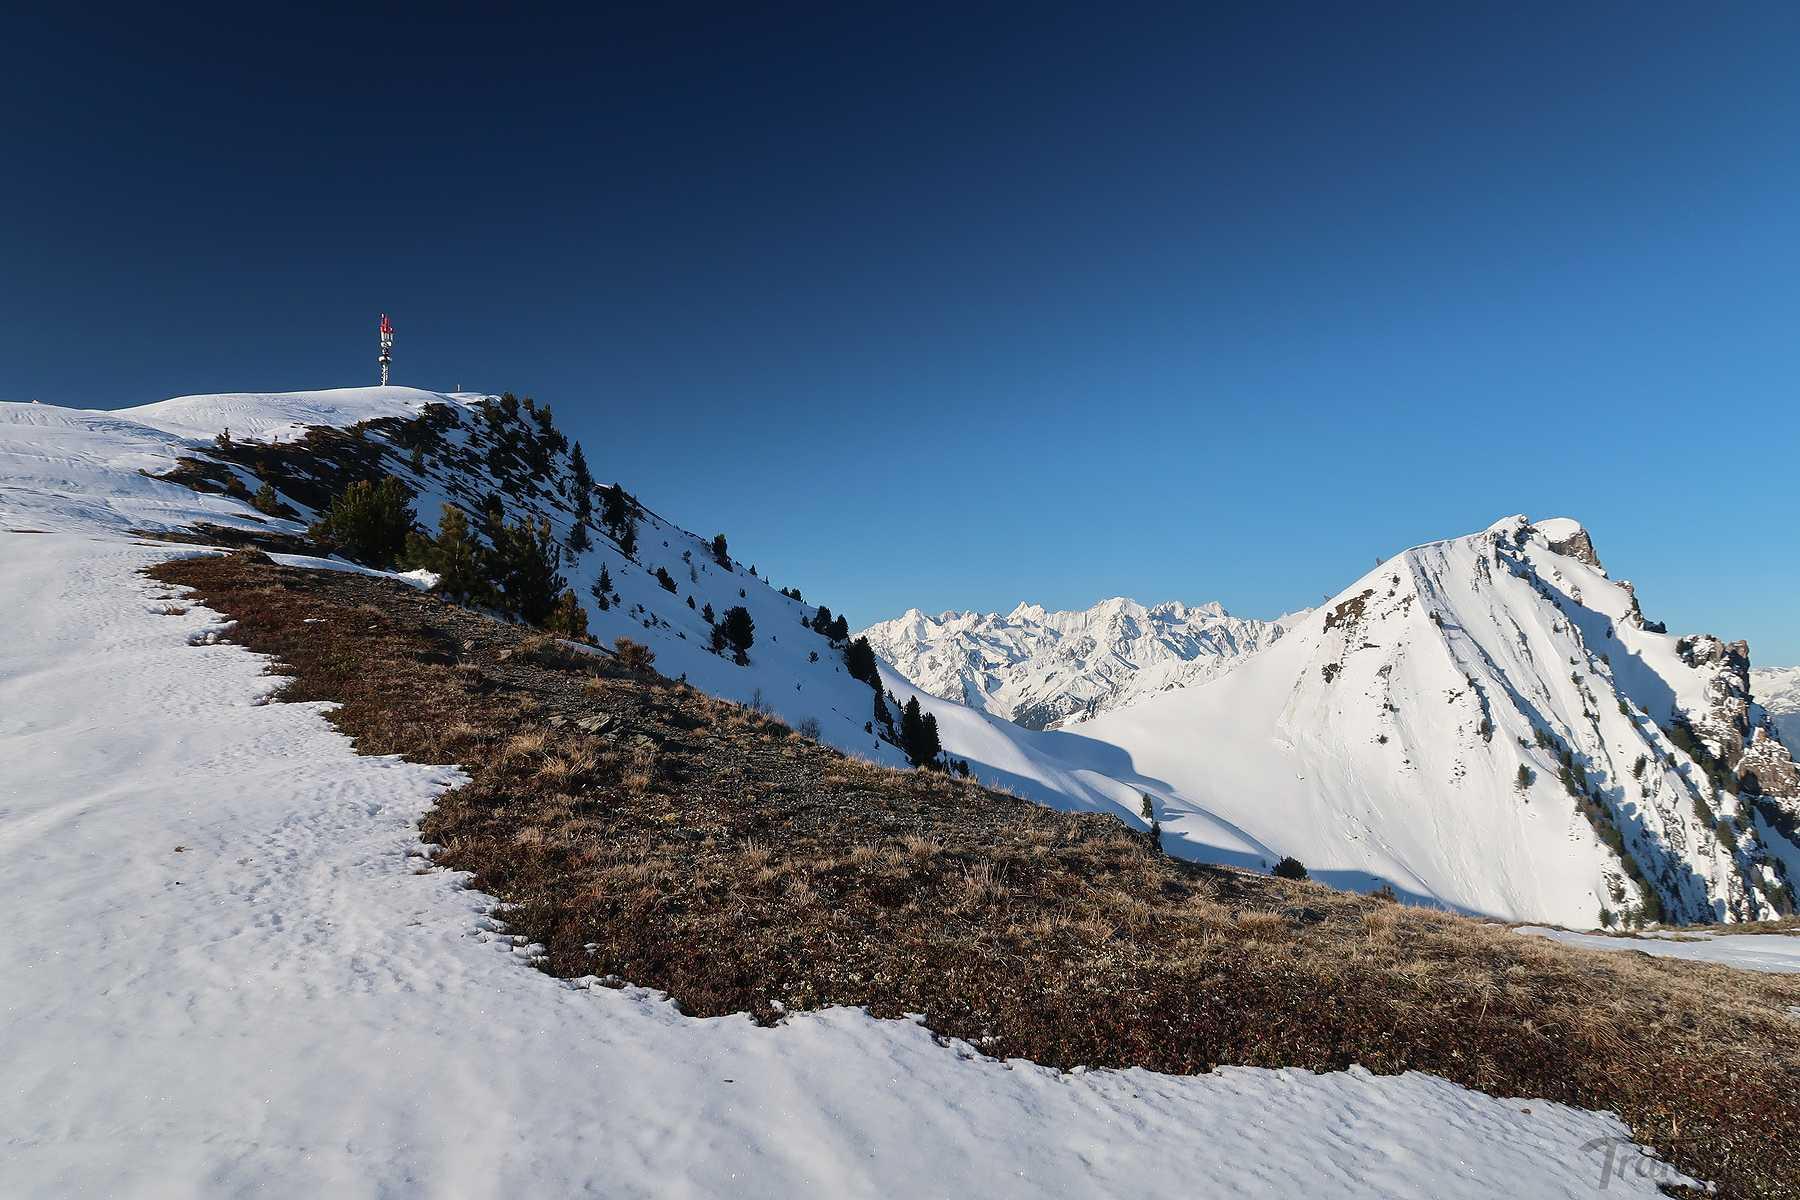 Ski de randonnée à Savoleyres depuis La Tzoumaz